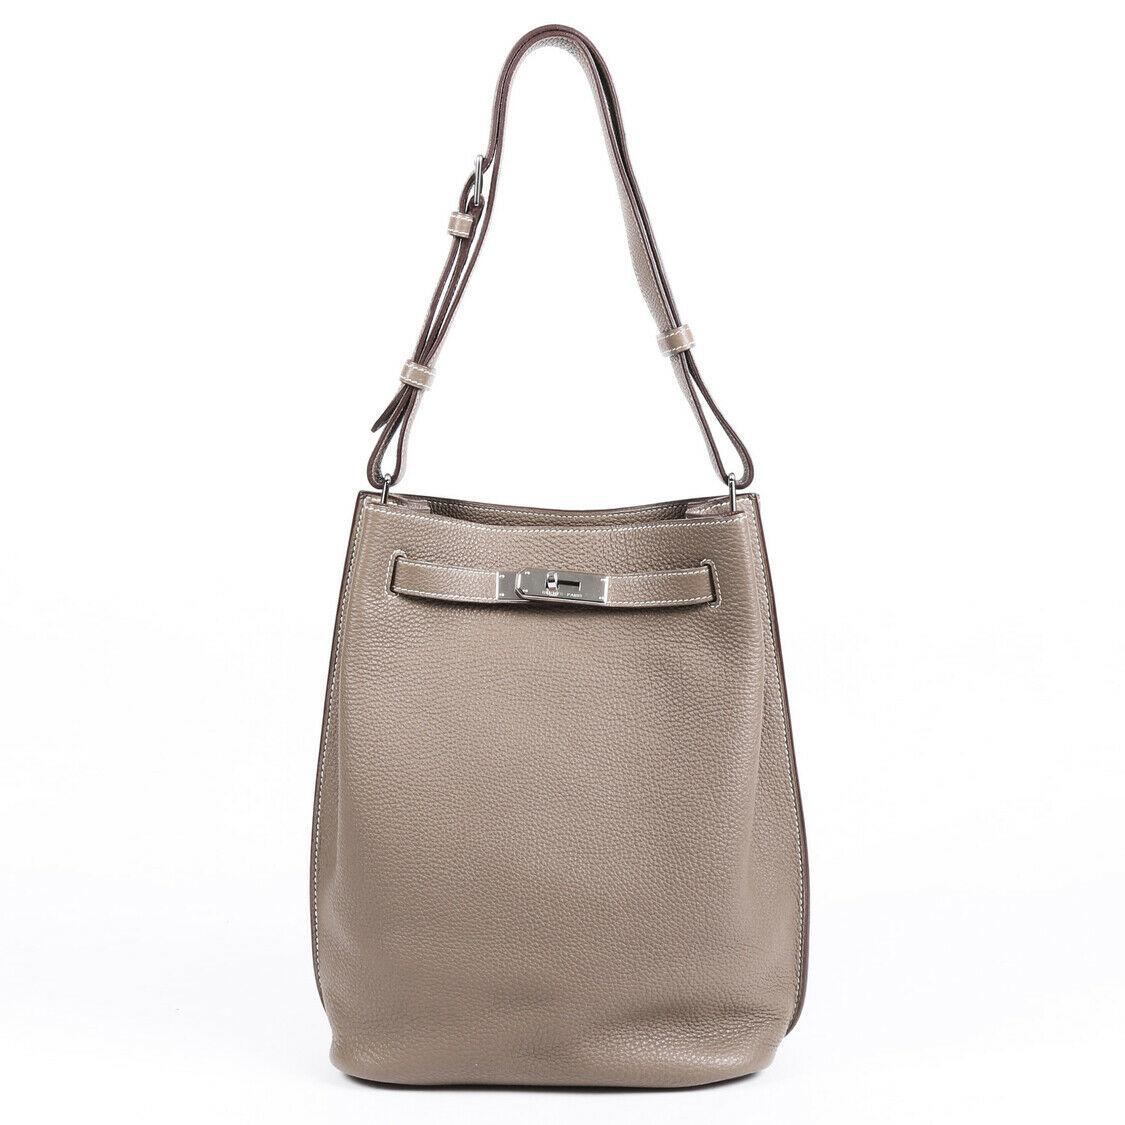 Hermes So Kelly 22 Togo Shoulder Bag